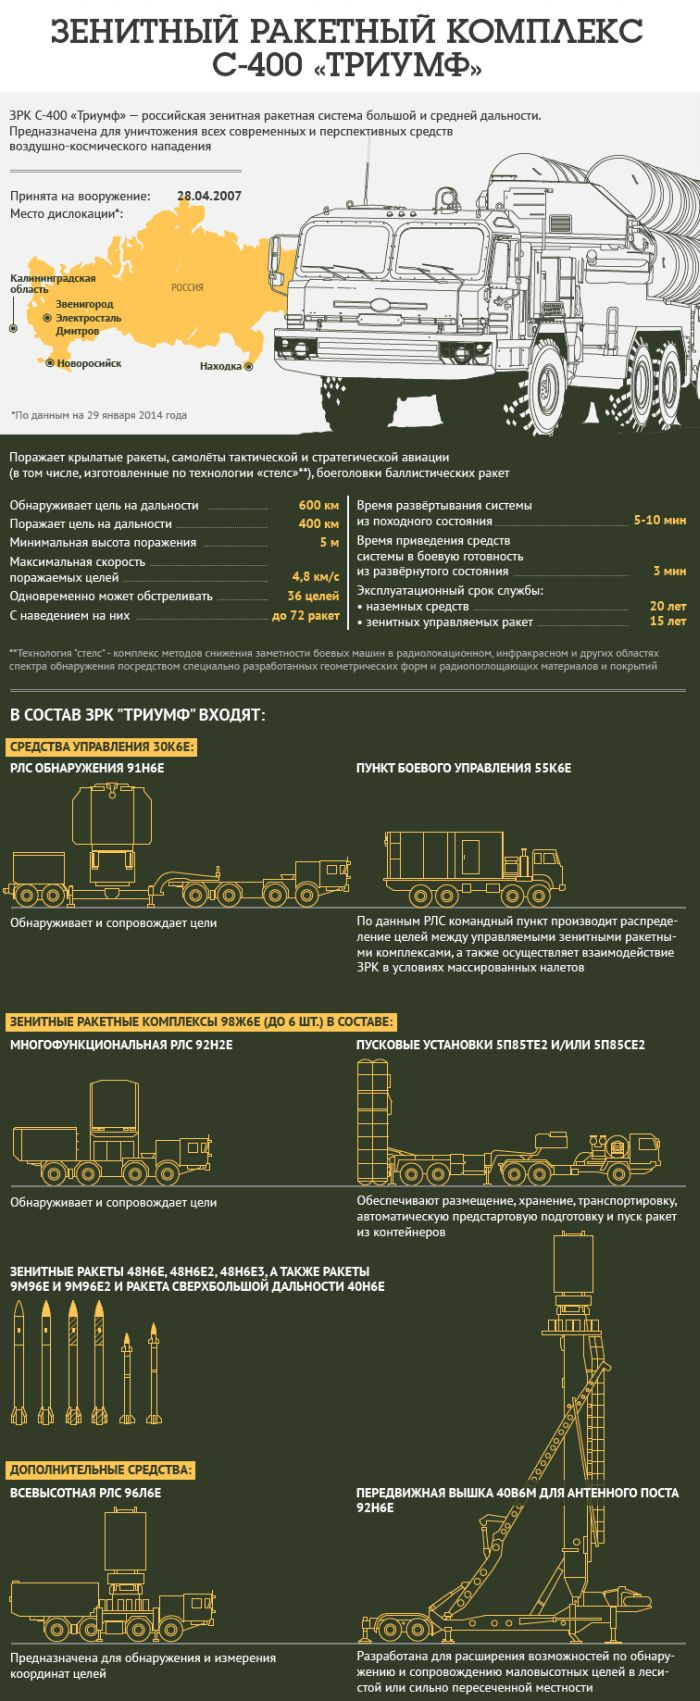 """Устройство зенитного ракетного комплекса С-400 """"Триумф"""" (1 картинка)"""